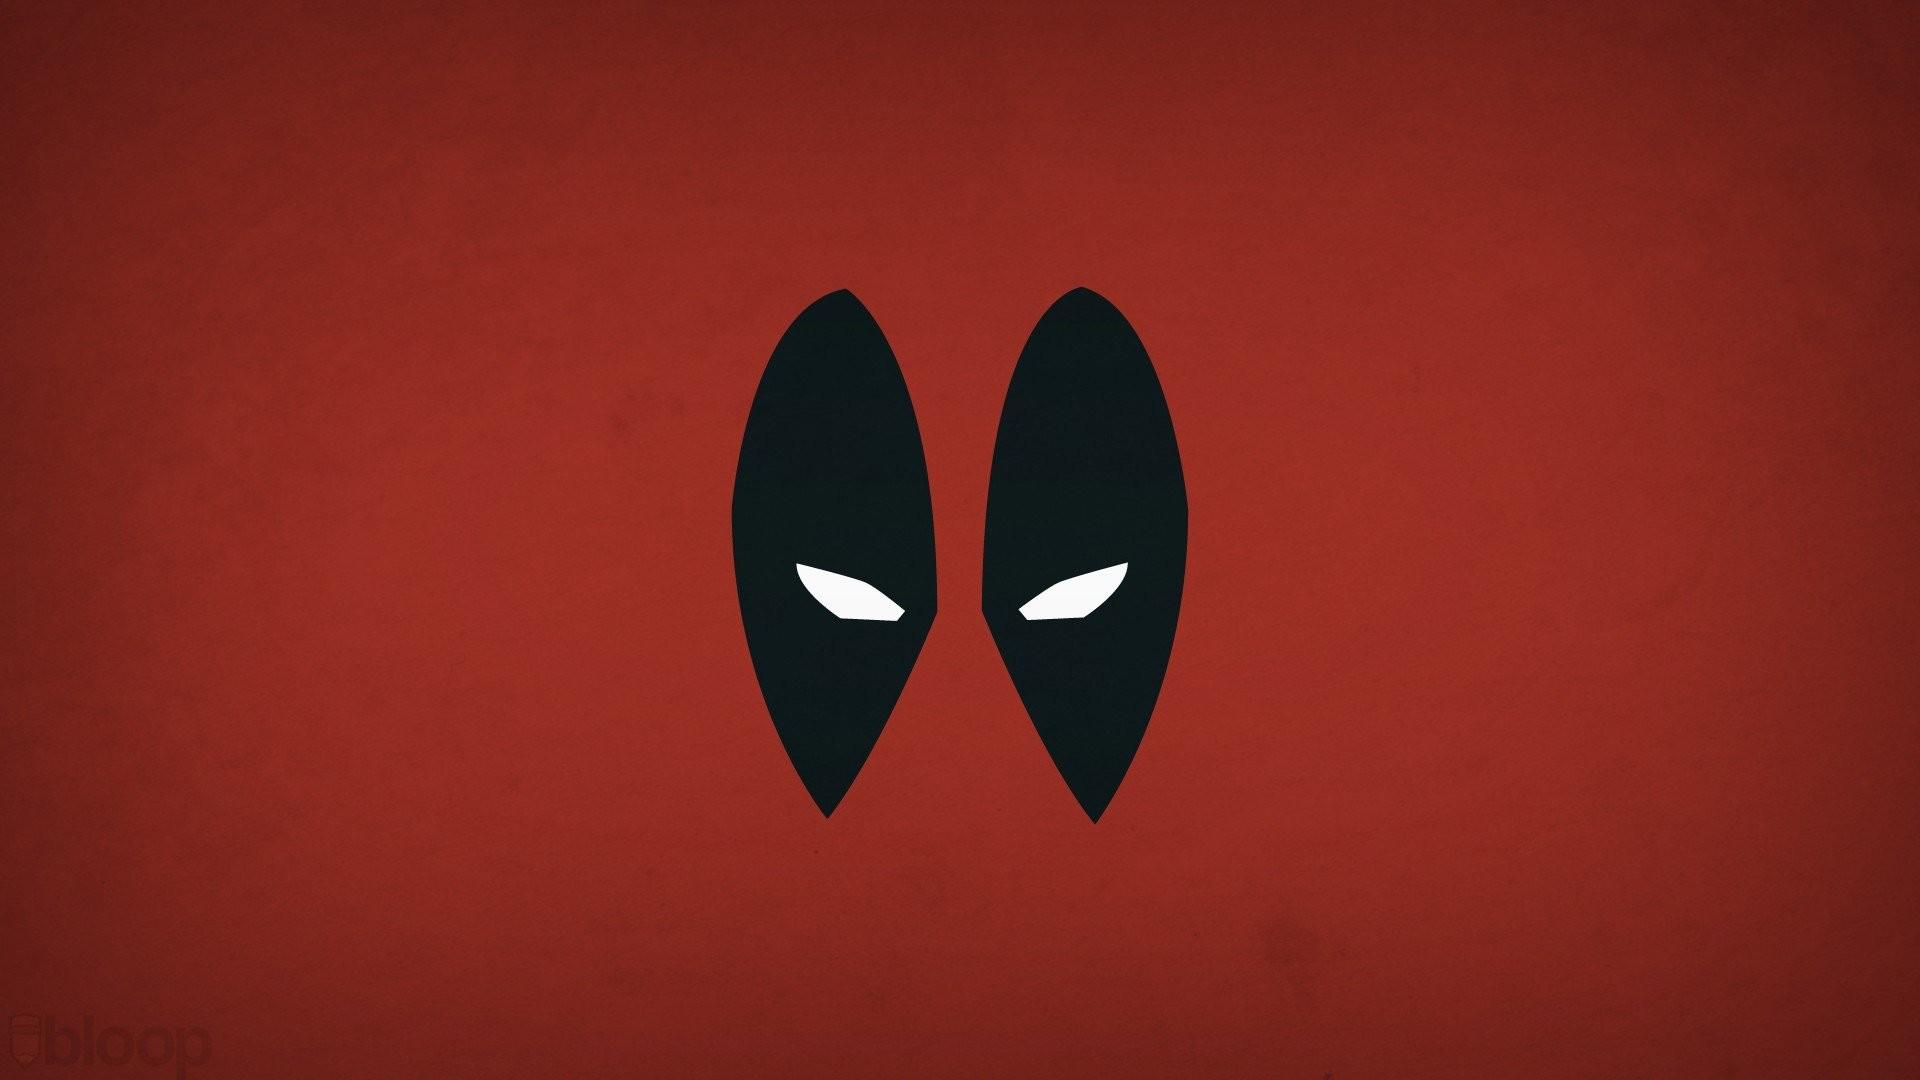 Blo0p Comics Deadpool Wade Wilson Marvel Minimalistic Superheroes